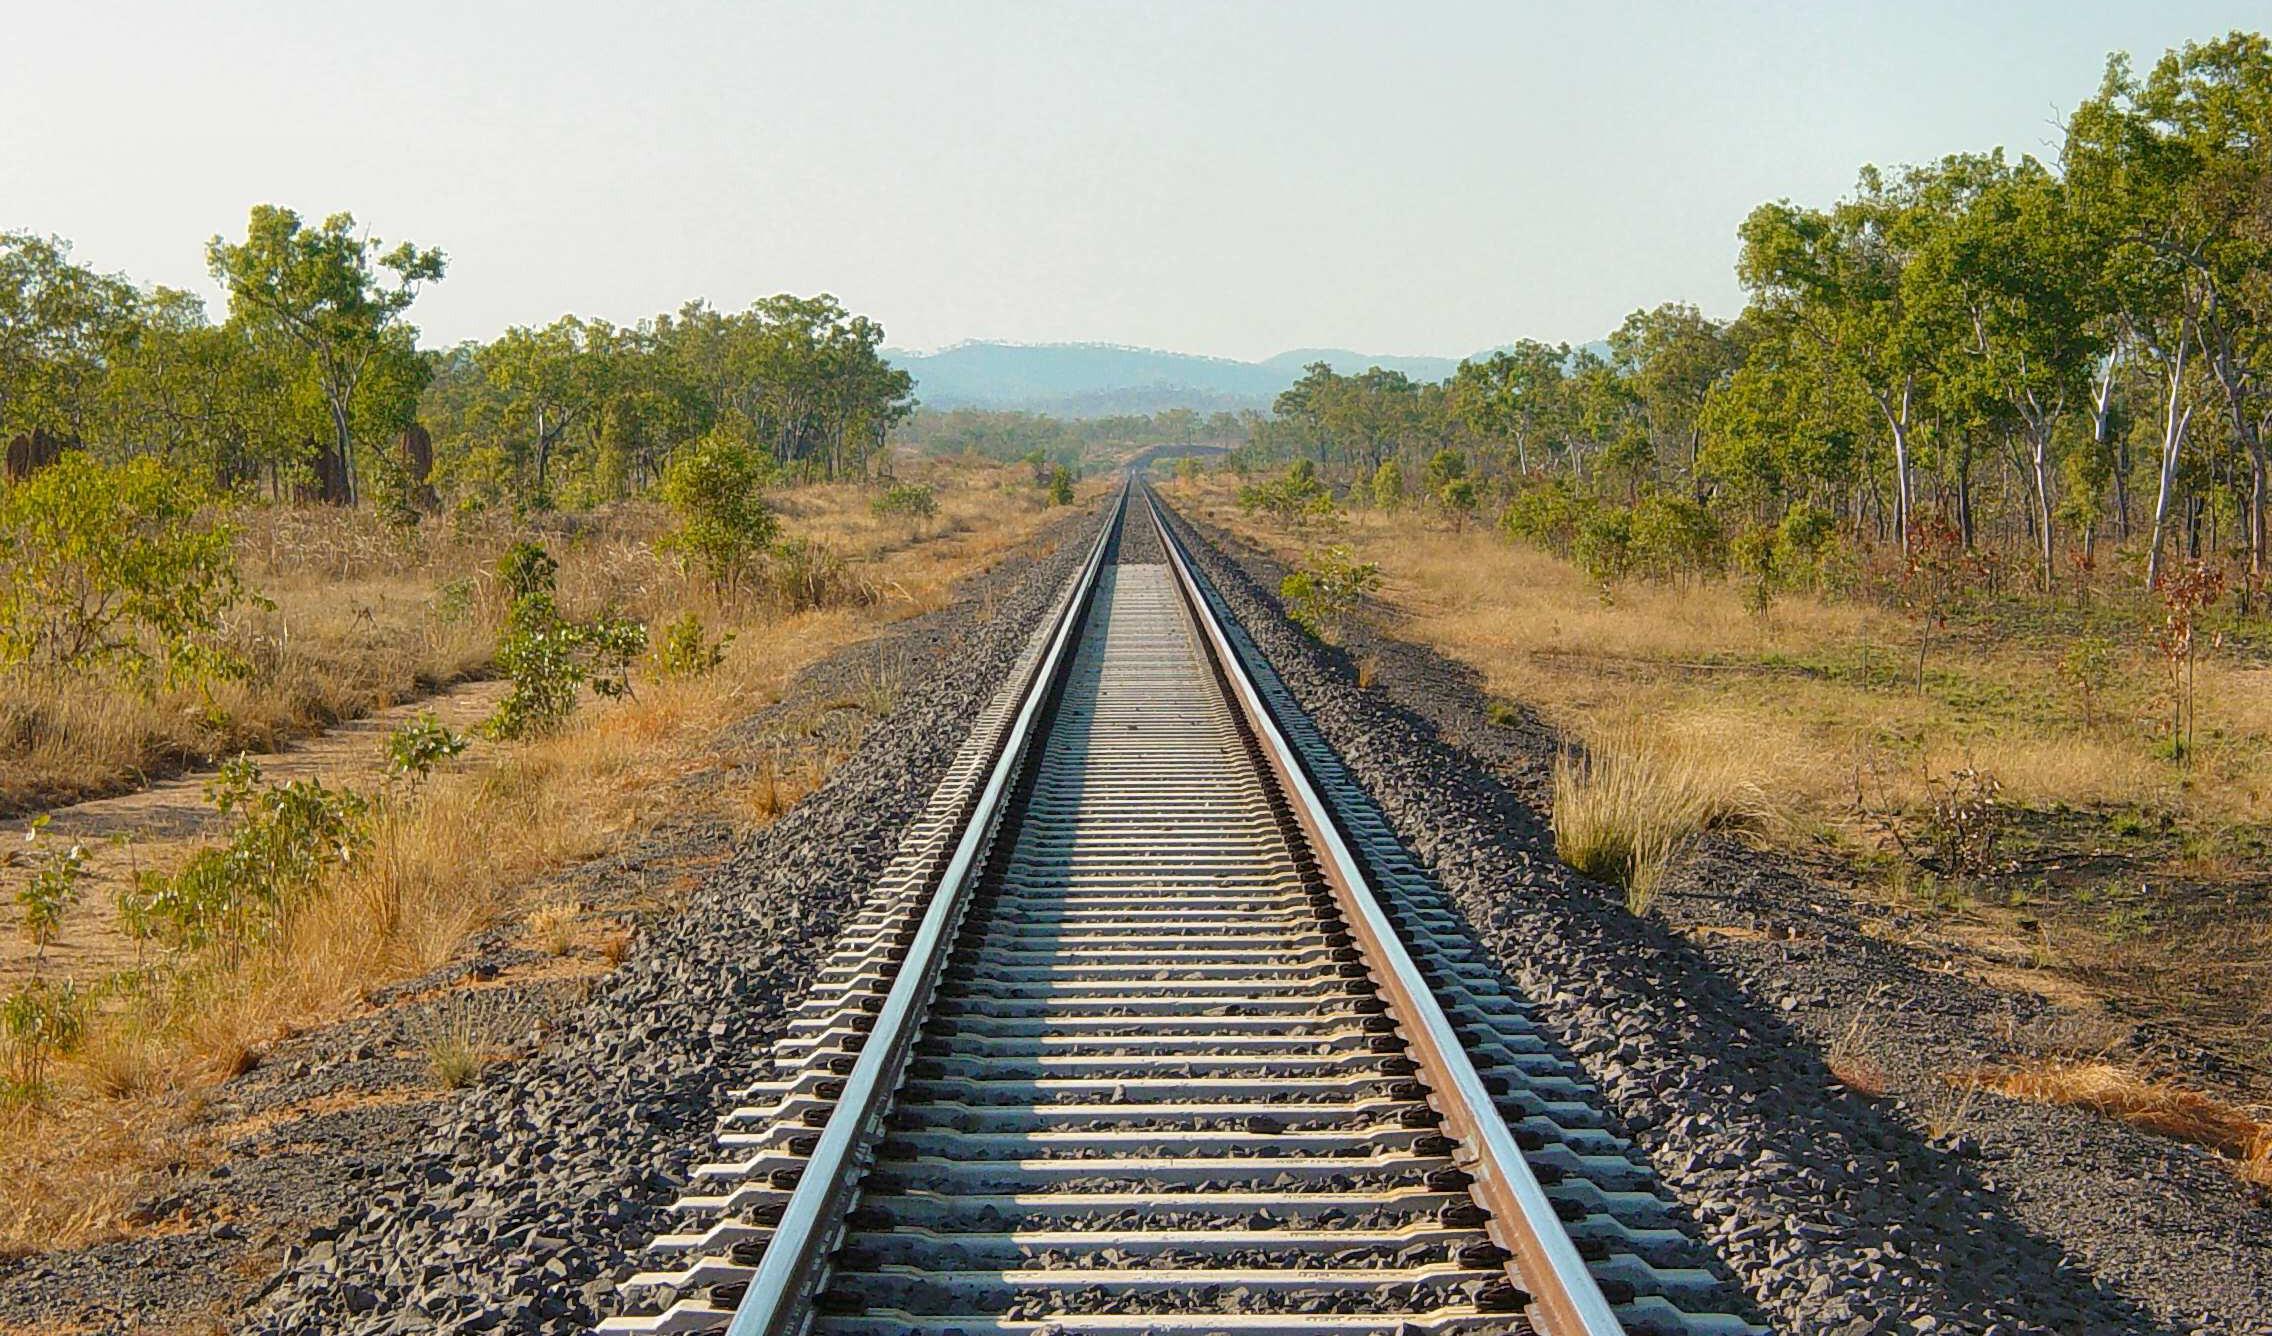 شرط وزیر راه برای اتصال راهآهن ایران به ارمنستان